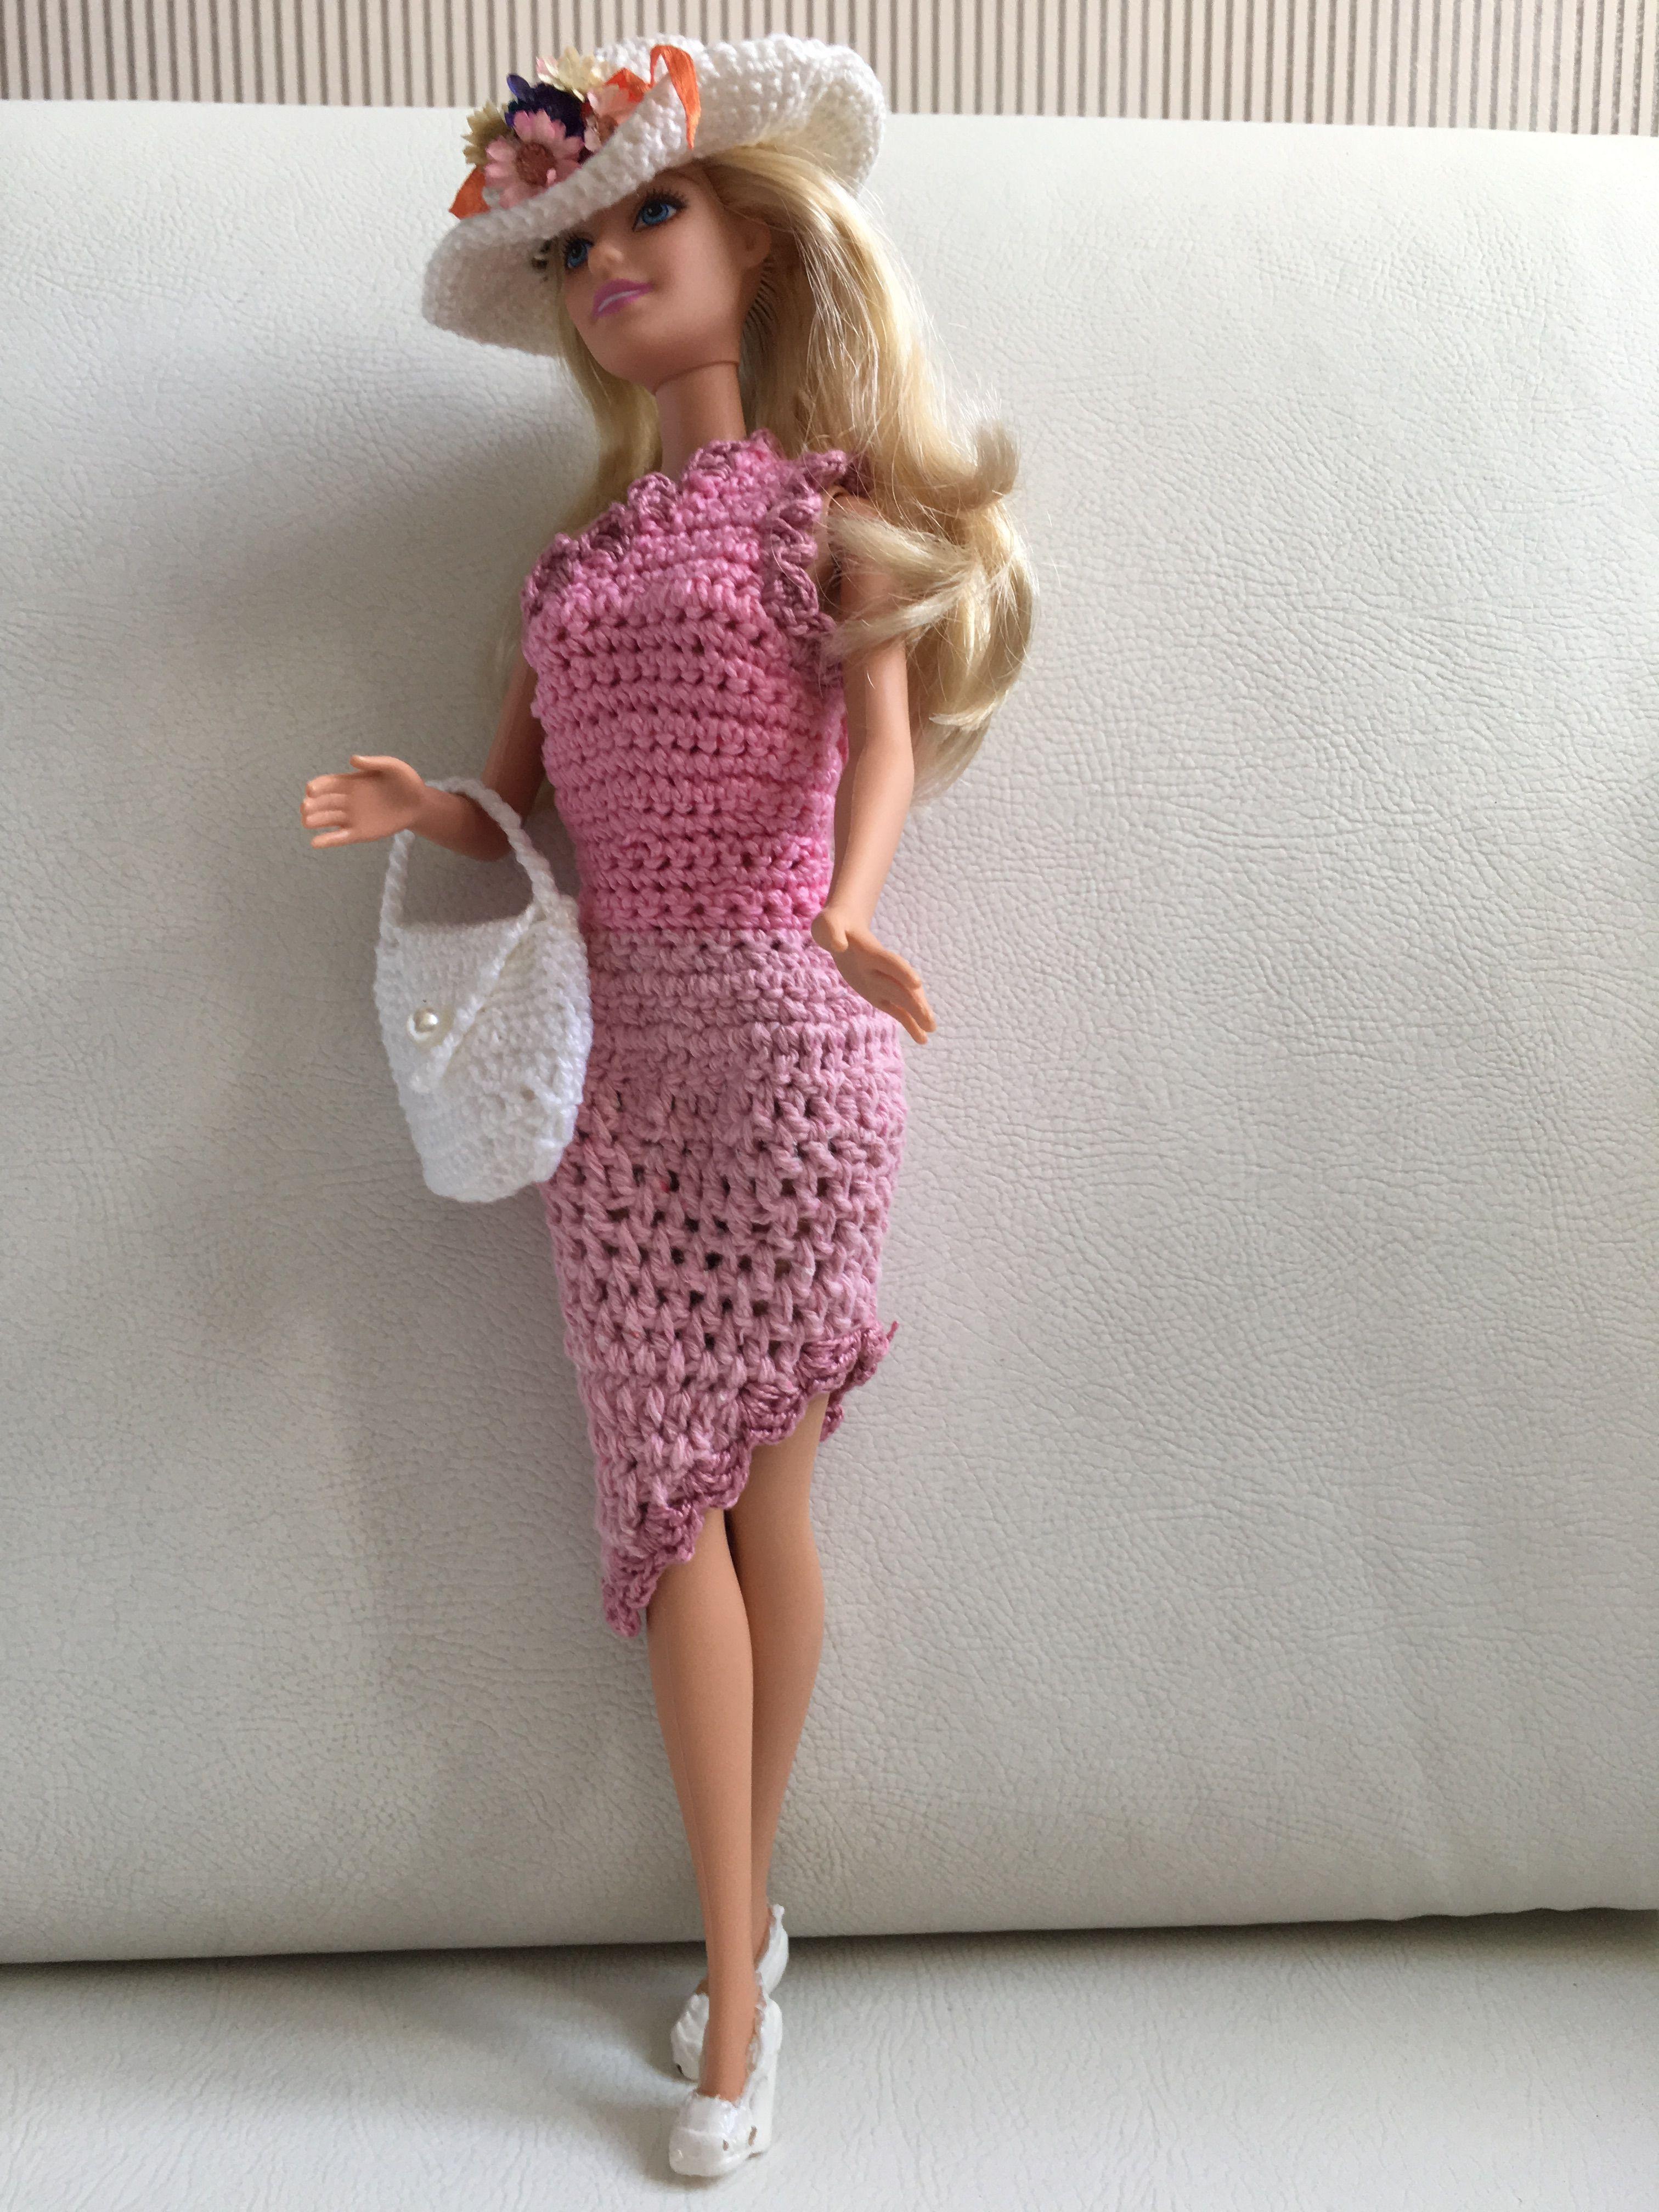 Pin de Мария Камелия en для кукол | Pinterest | Barbie, Muñecas y Ropa